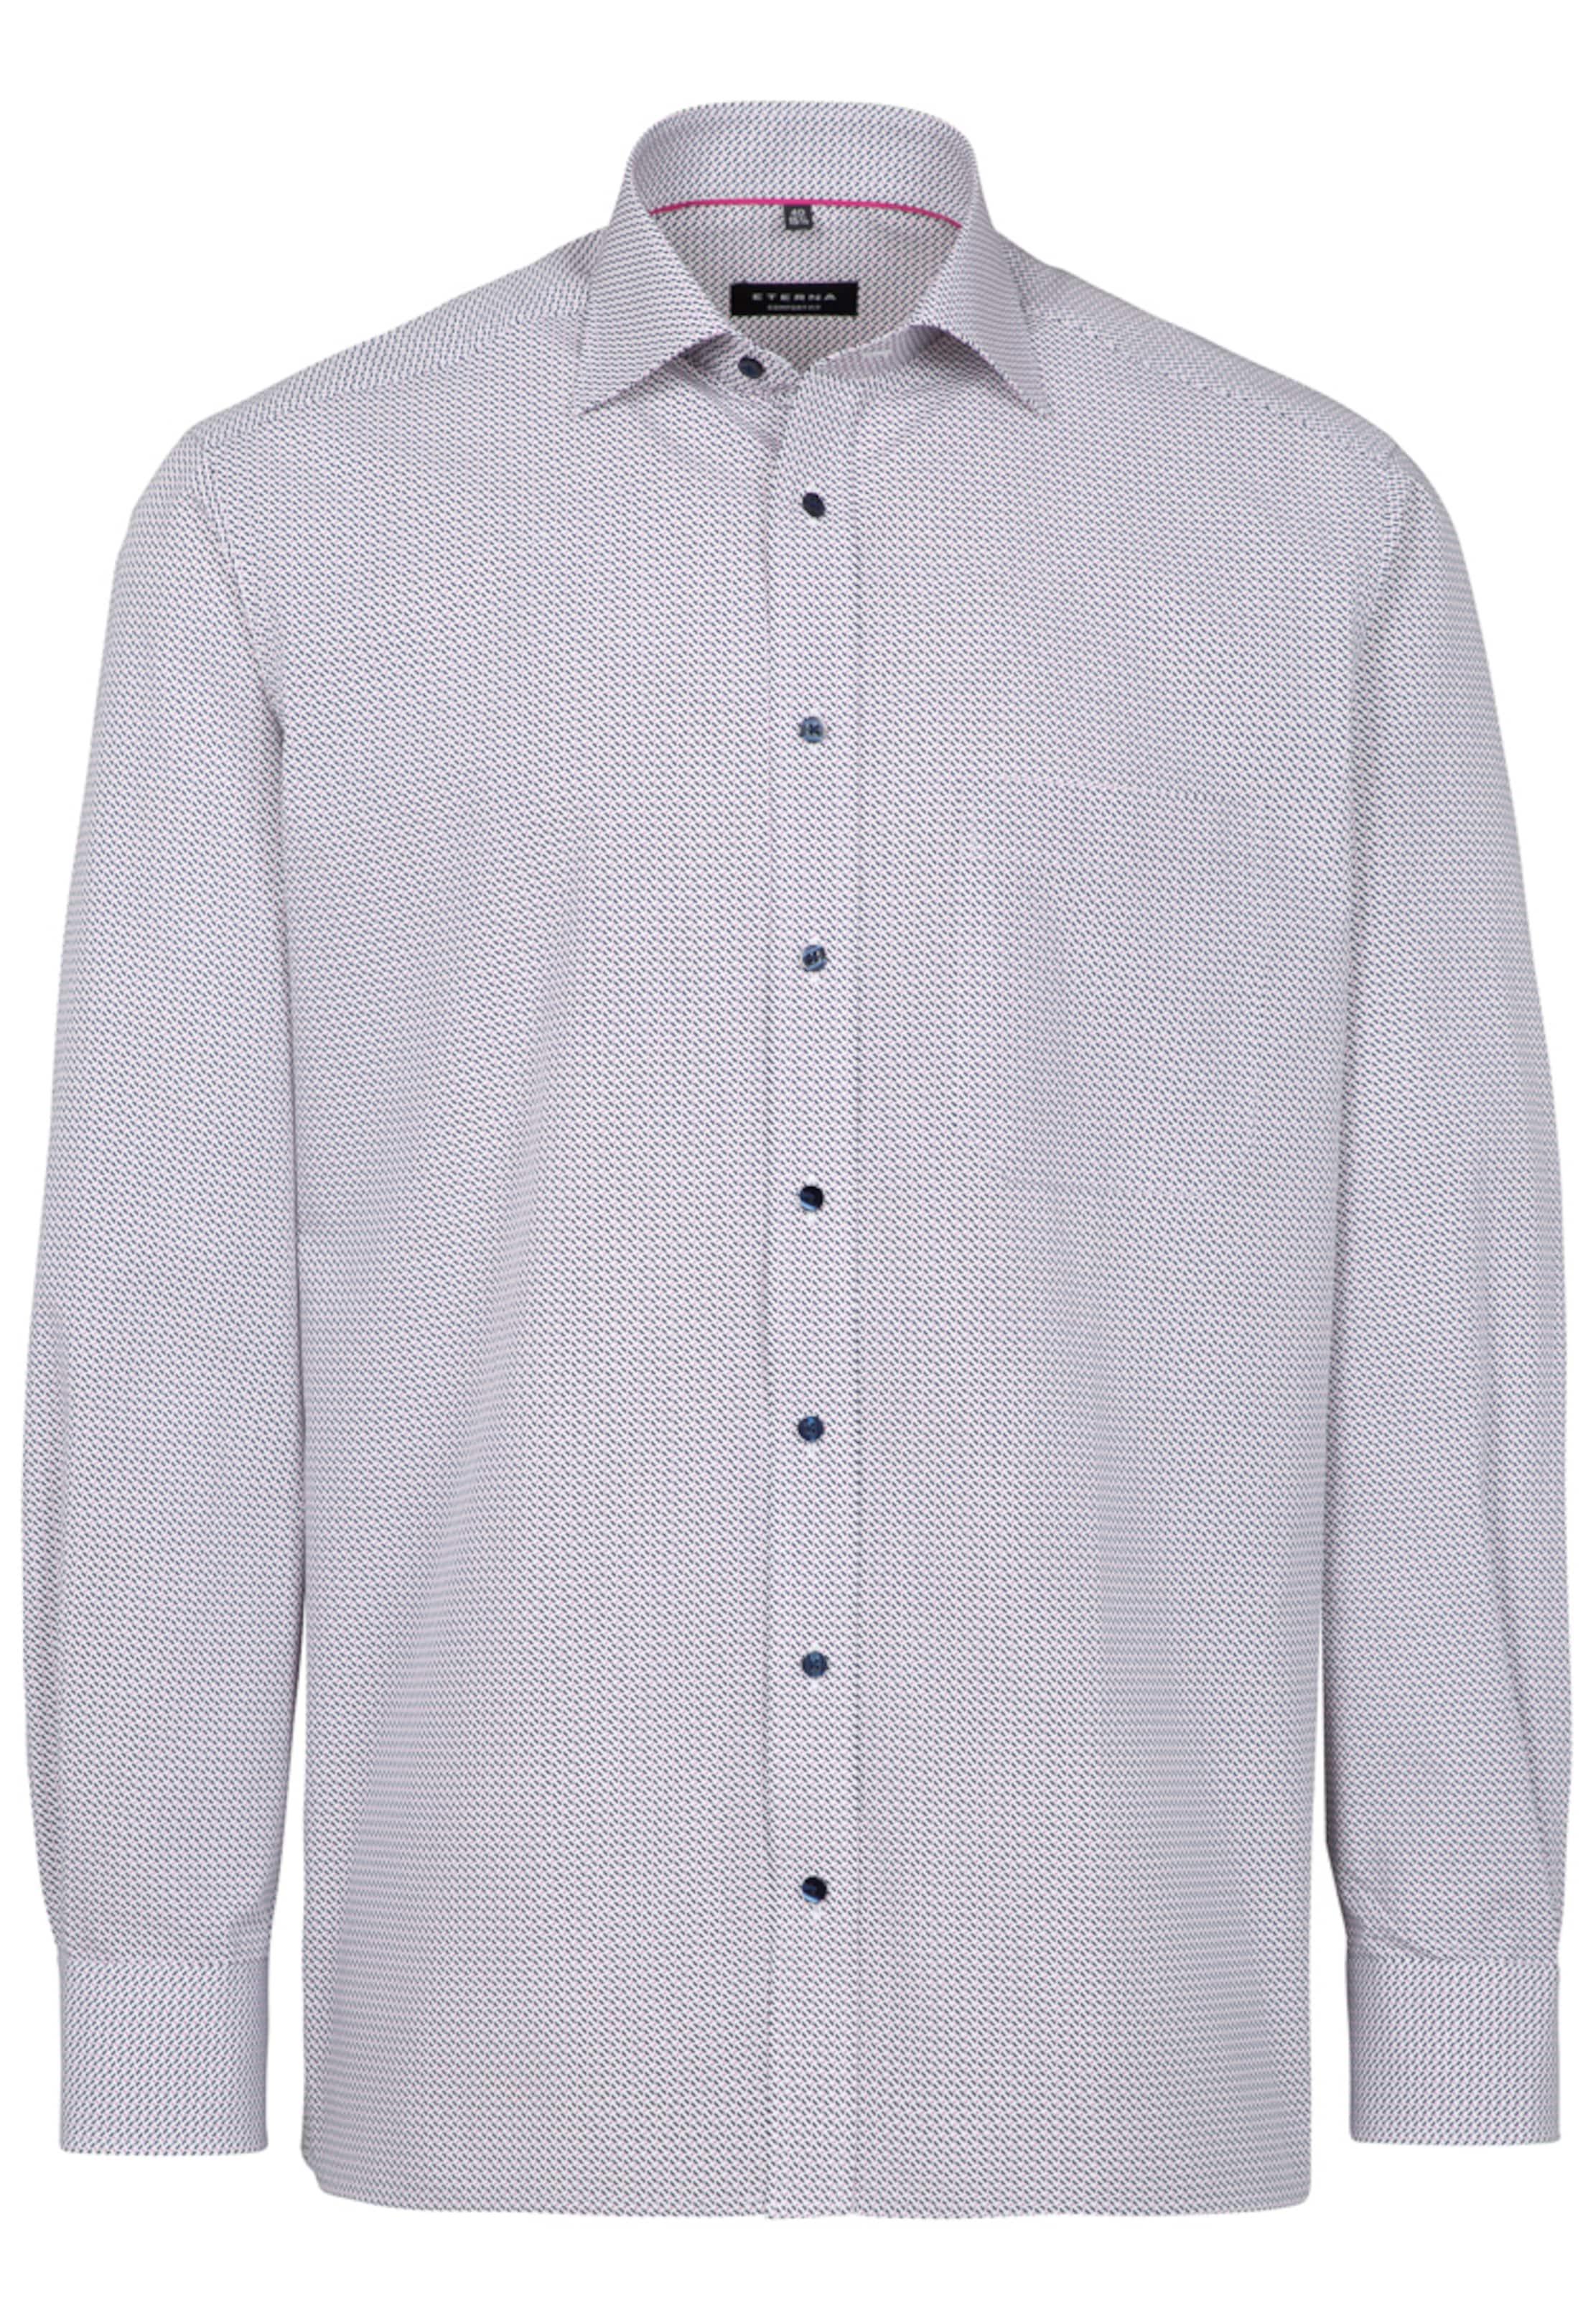 Angebote Günstig Online Verkaufsangebote ETERNA Langarm Hemd COMFORT FIT Günstig Kauft Besten Platz Freies Verschiffen Sast Billig Verkauf Amazon 8PpQO3d